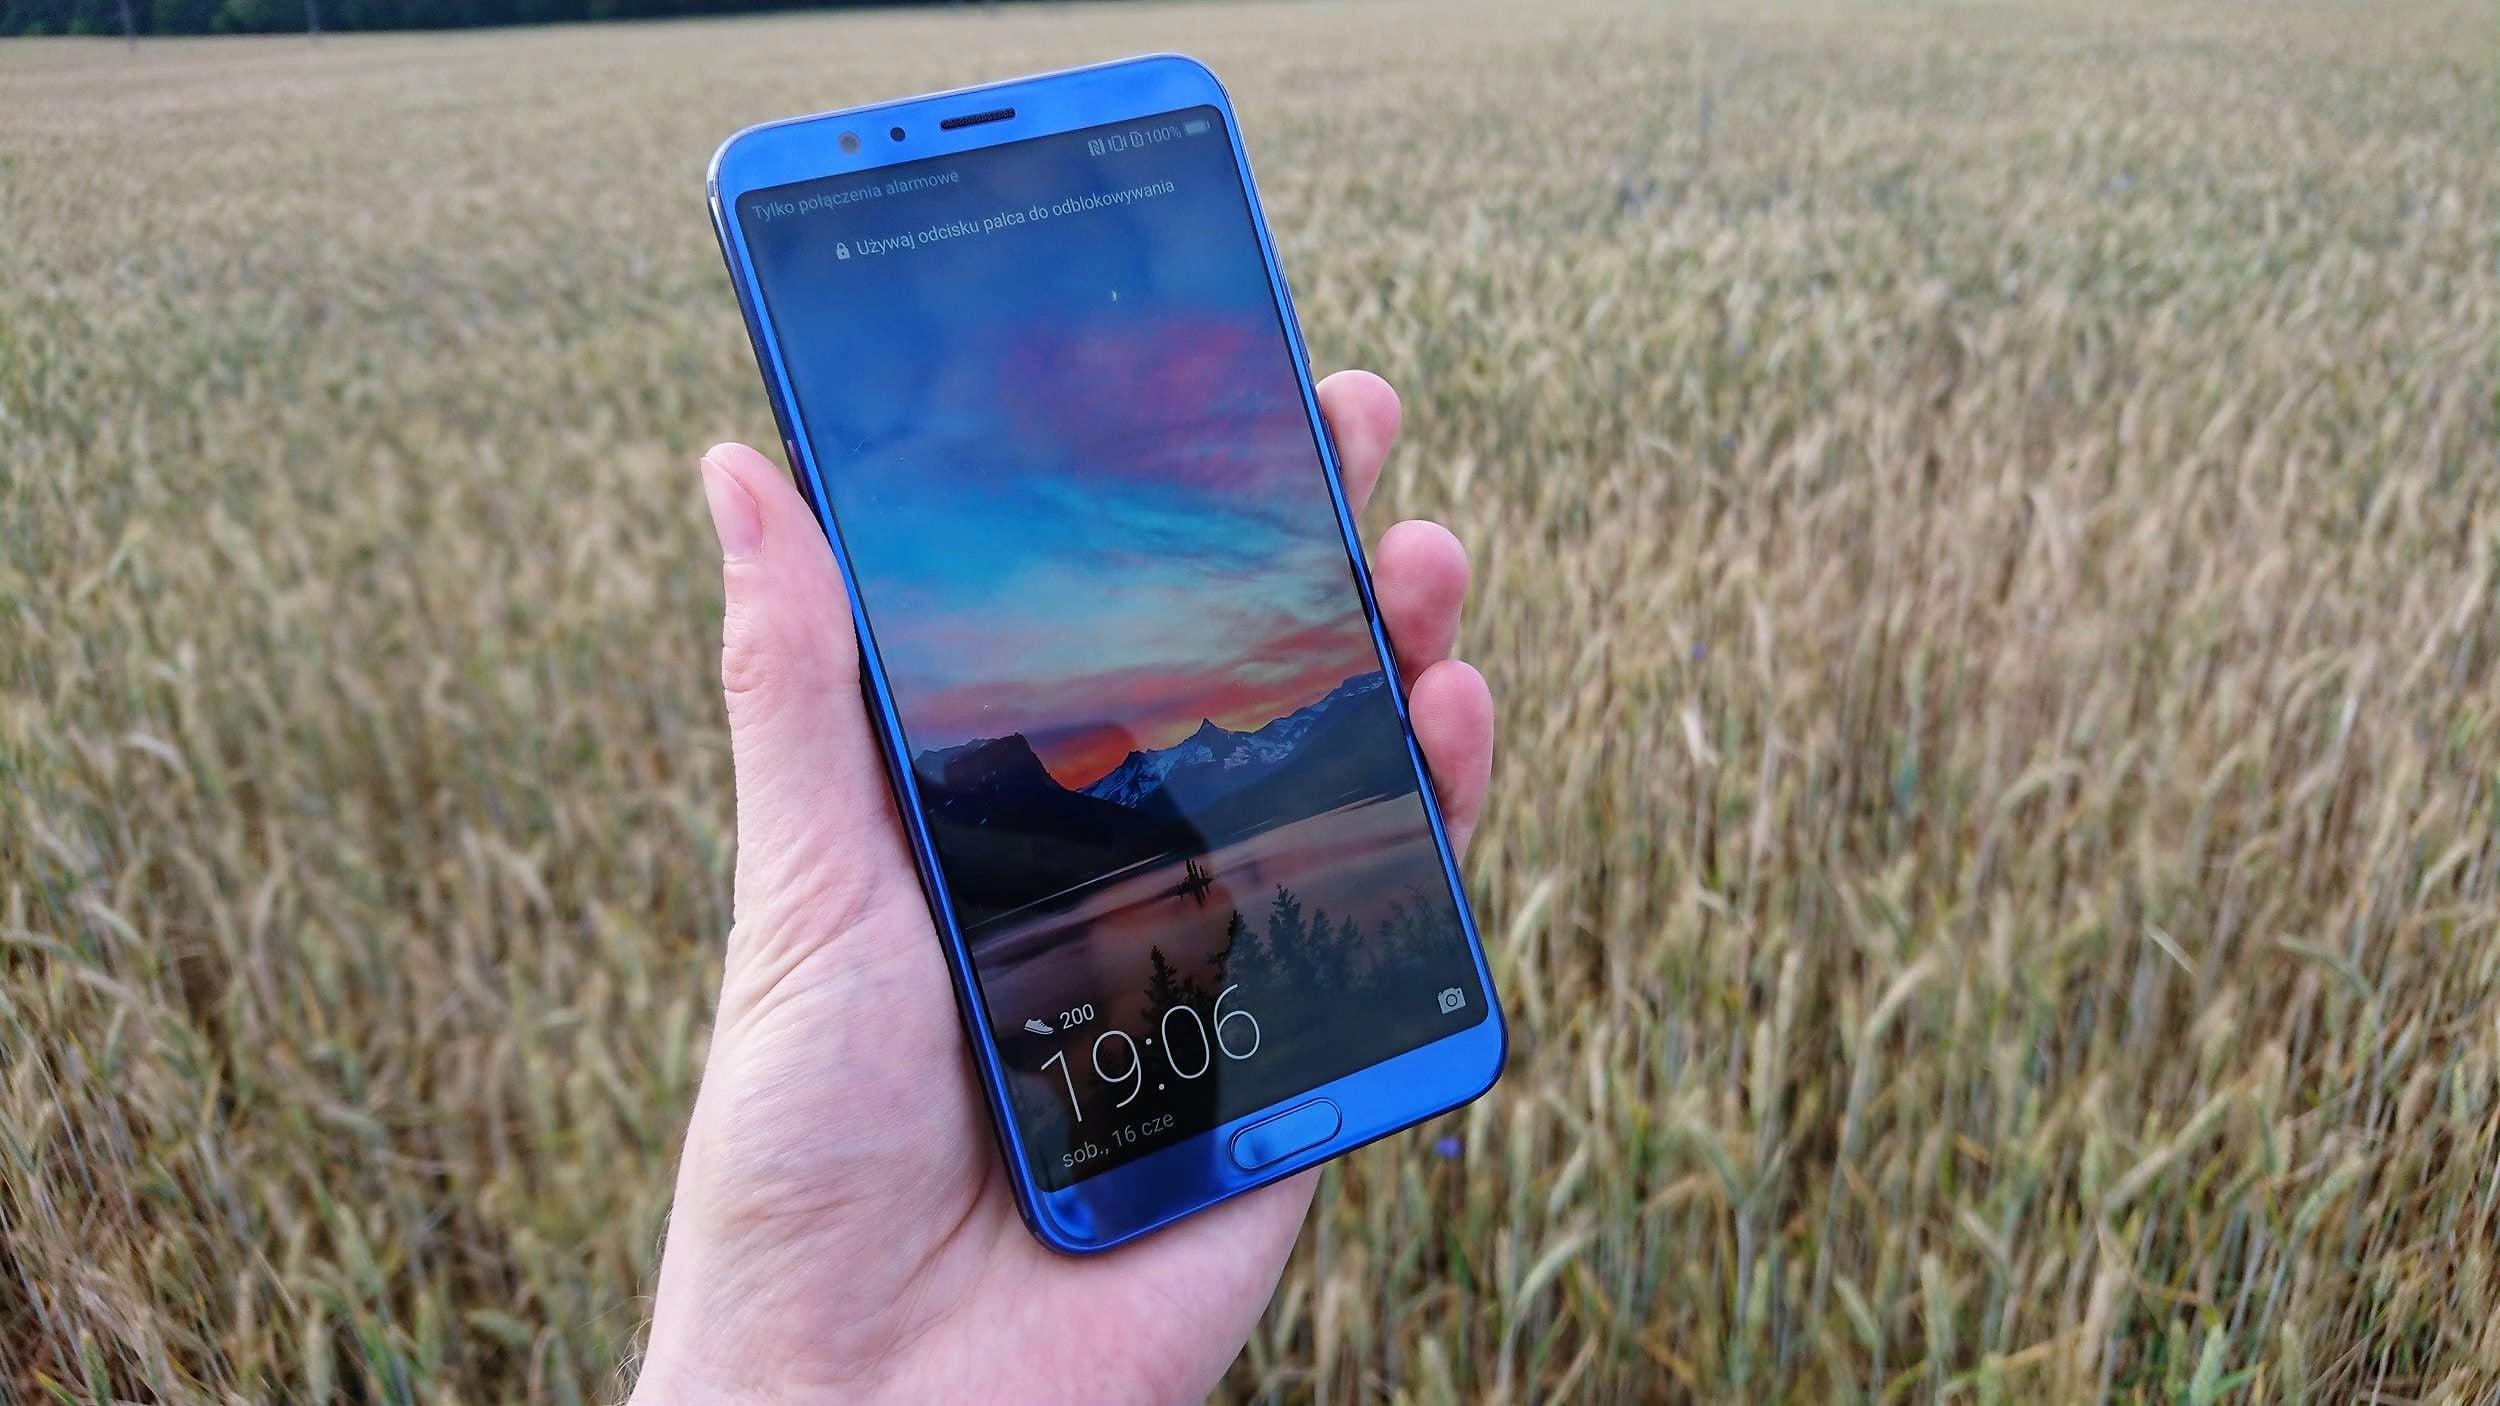 Tabletowo.pl Honor rozbił bank w Czarny Piątek i Cyber Monday. Producent ma się czym pochwalić Android Huawei Raporty/Statystyki Smartfony